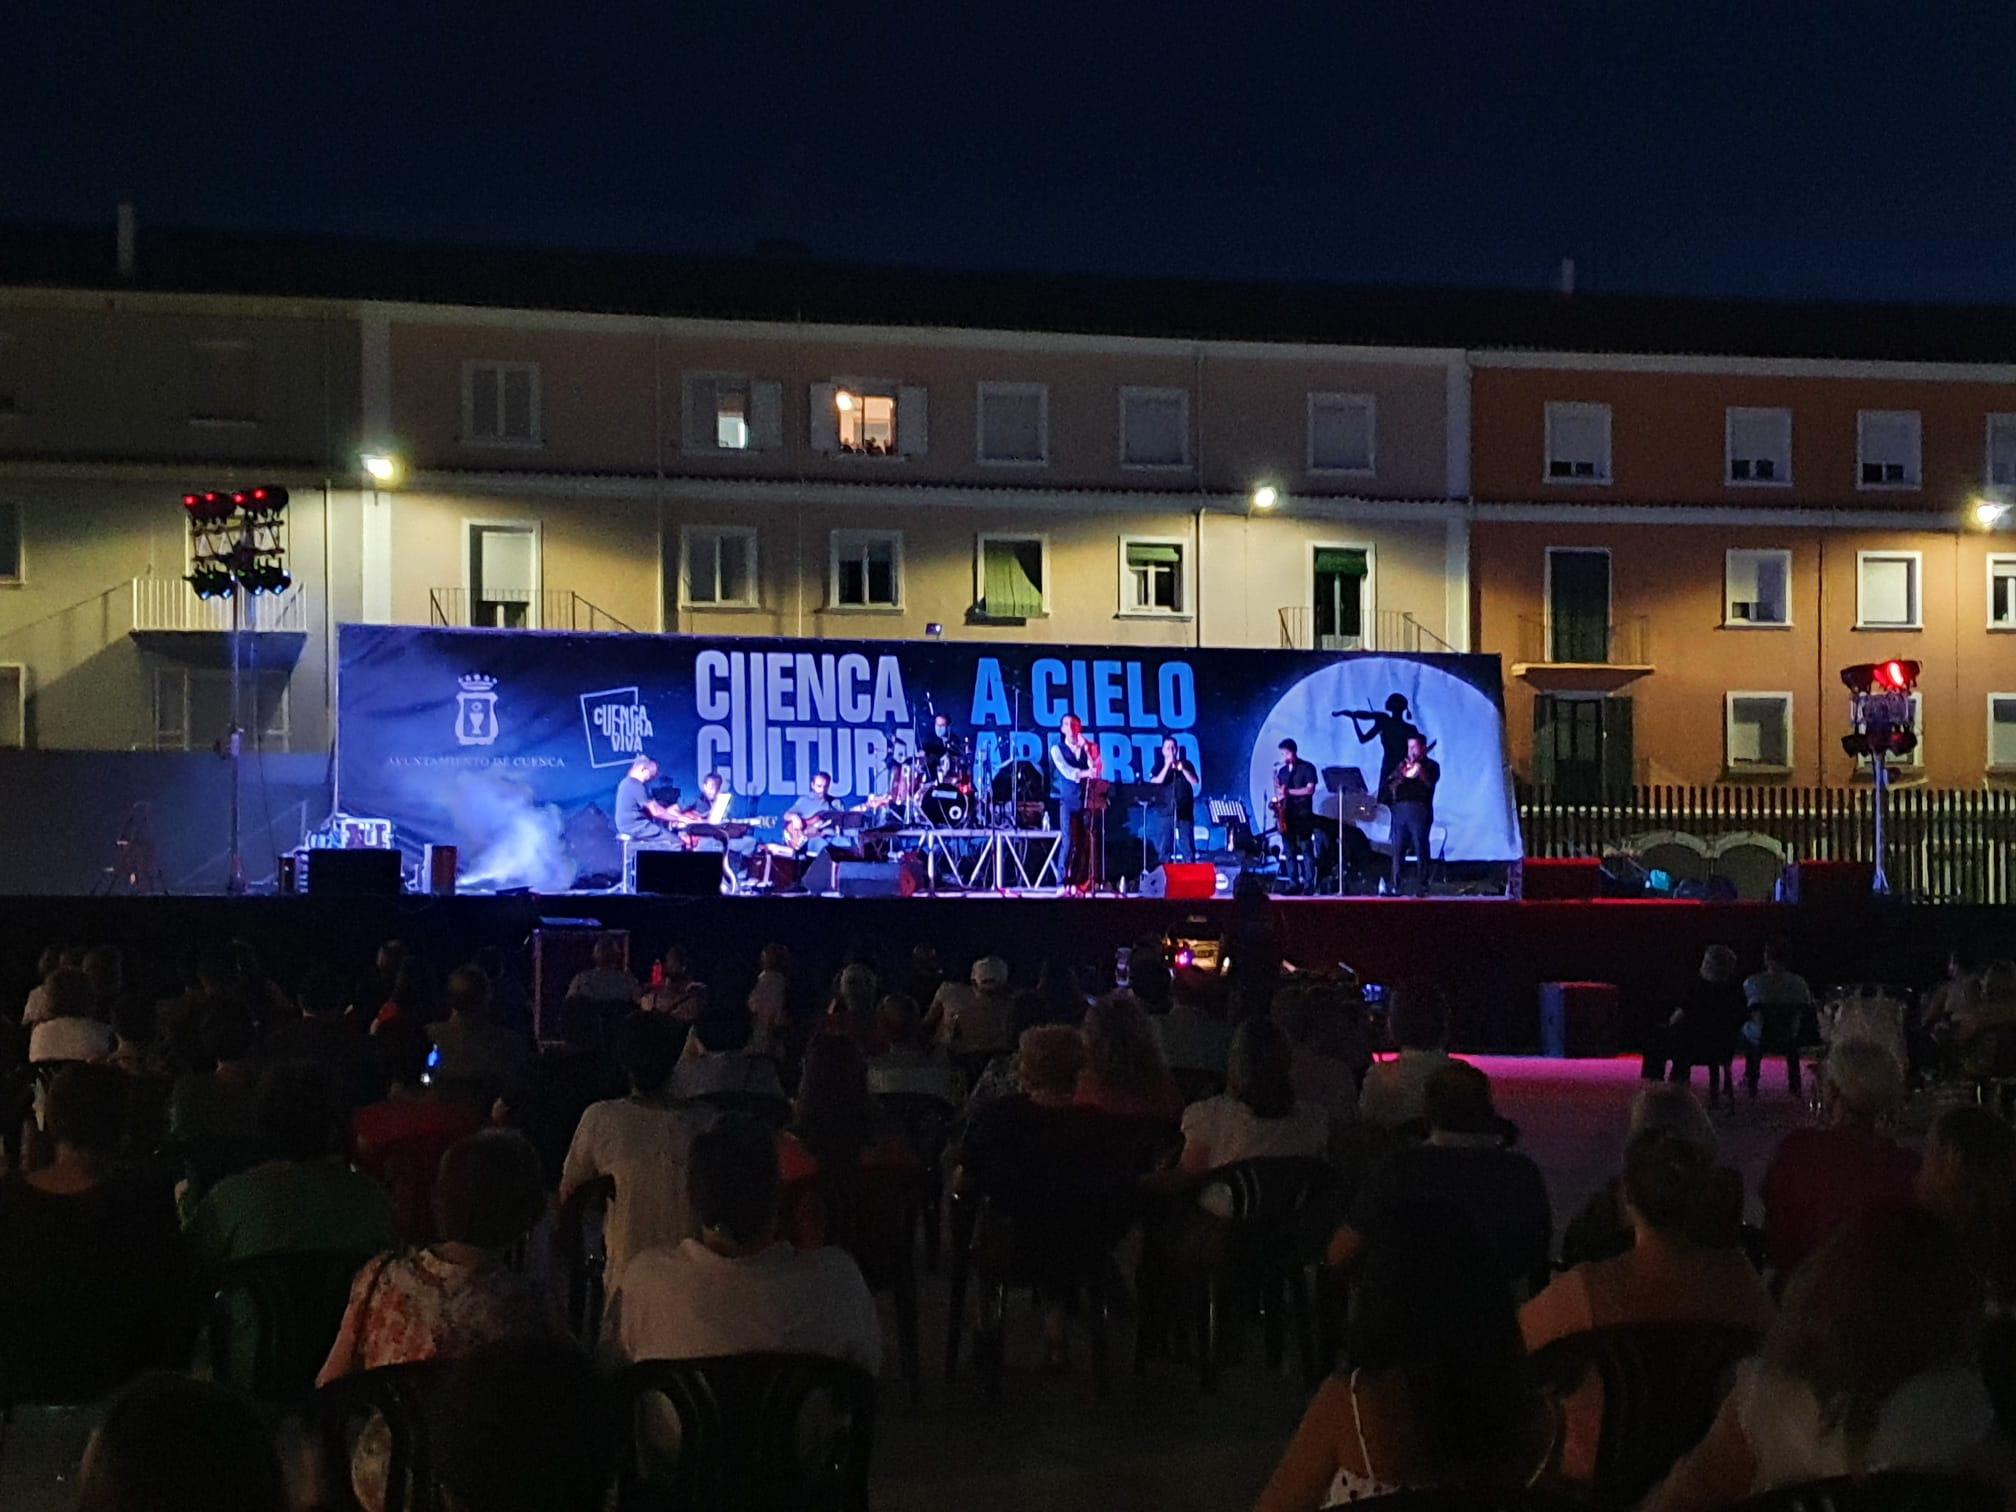 Cuenca Cultura a Cielo Abierto ofrece una actuación por día hasta el domingo 19 de septiembre